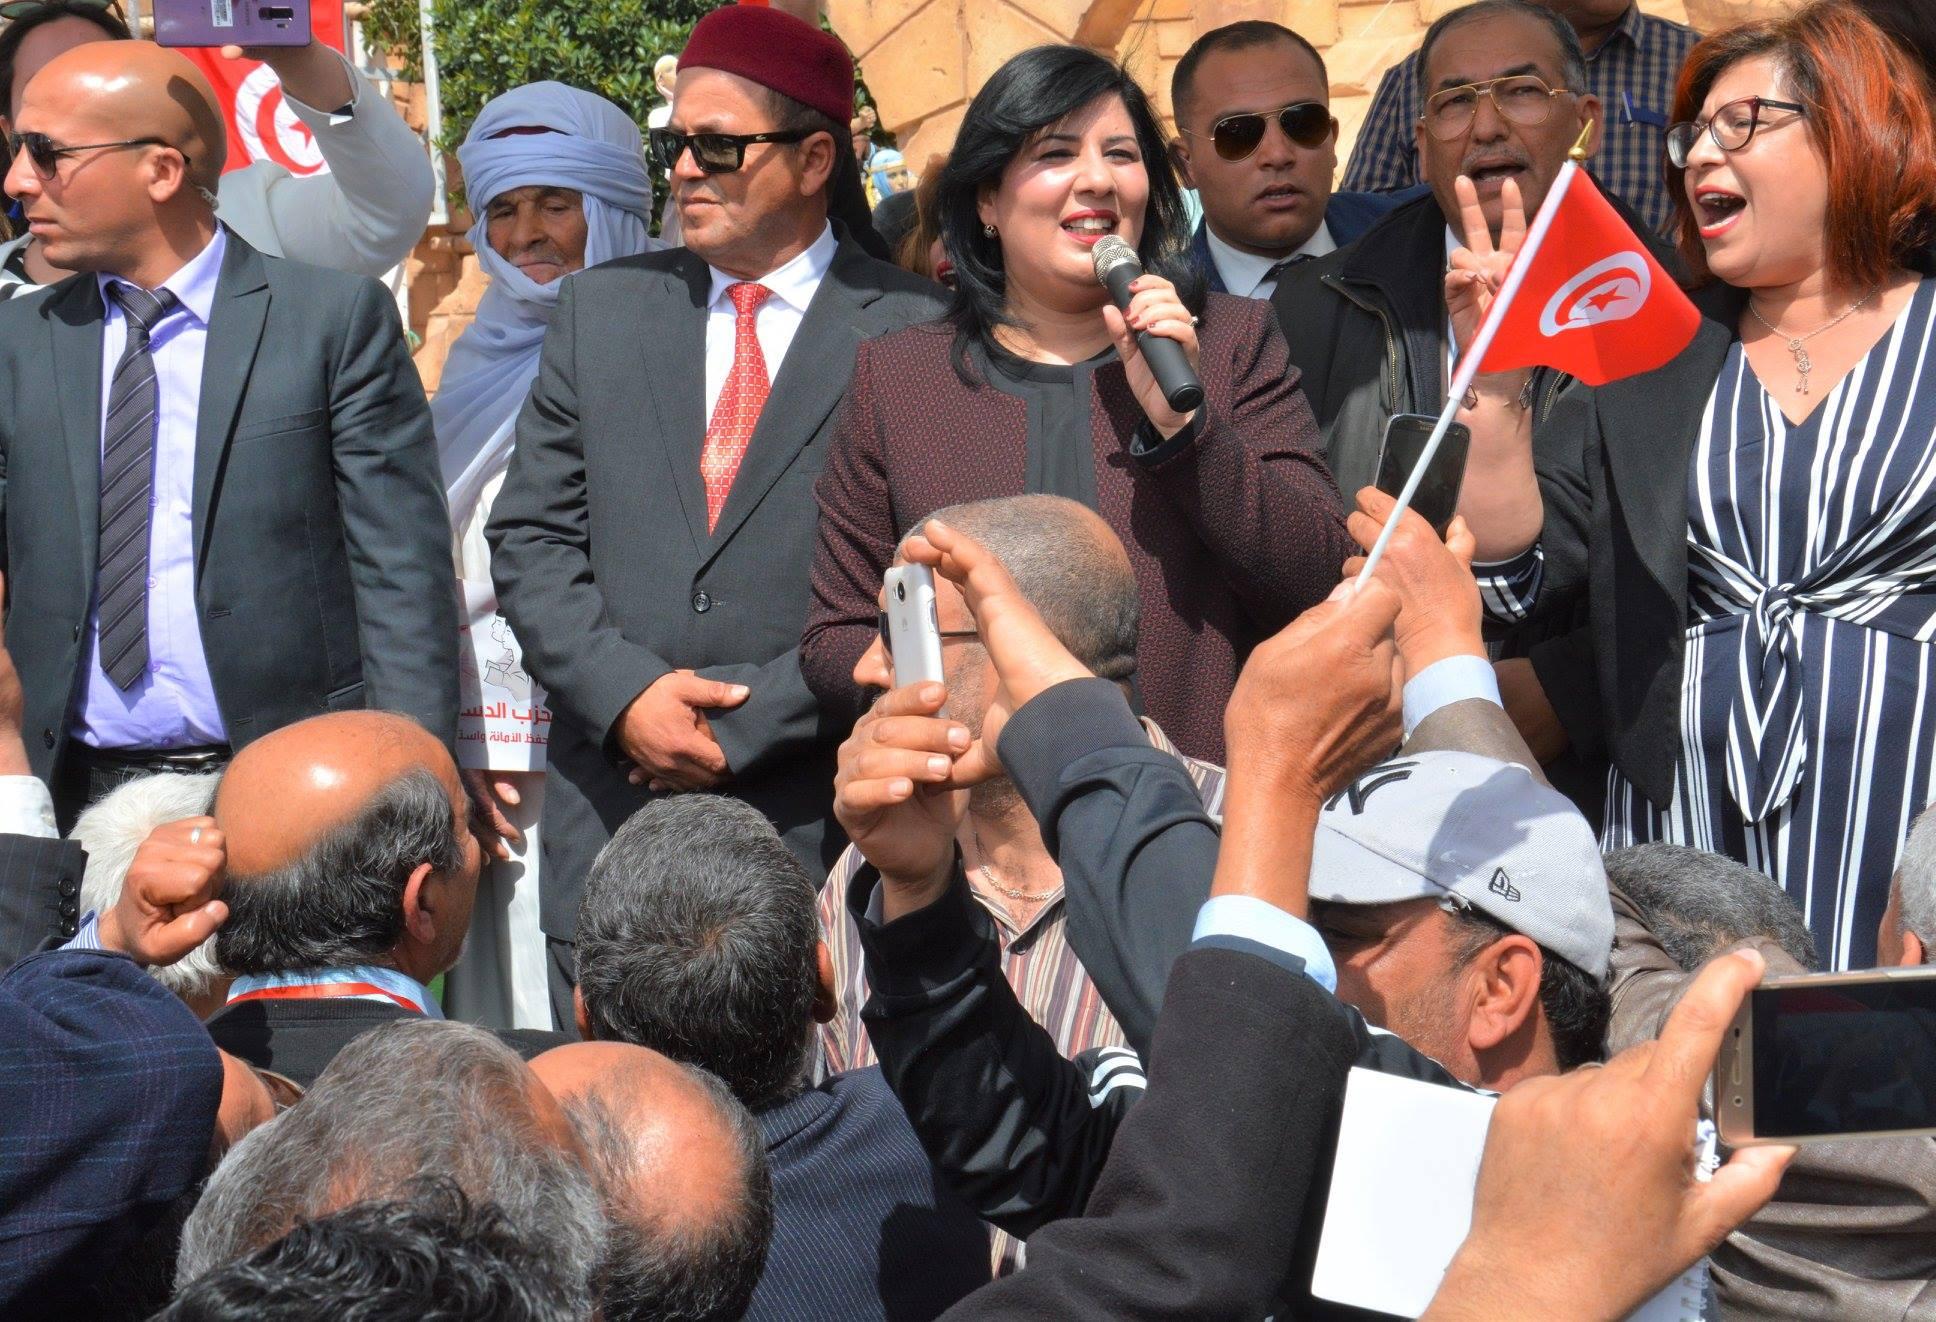 بسبب كورونا: الدستوري الحرّ يؤجل احتفالاته بالمائوية